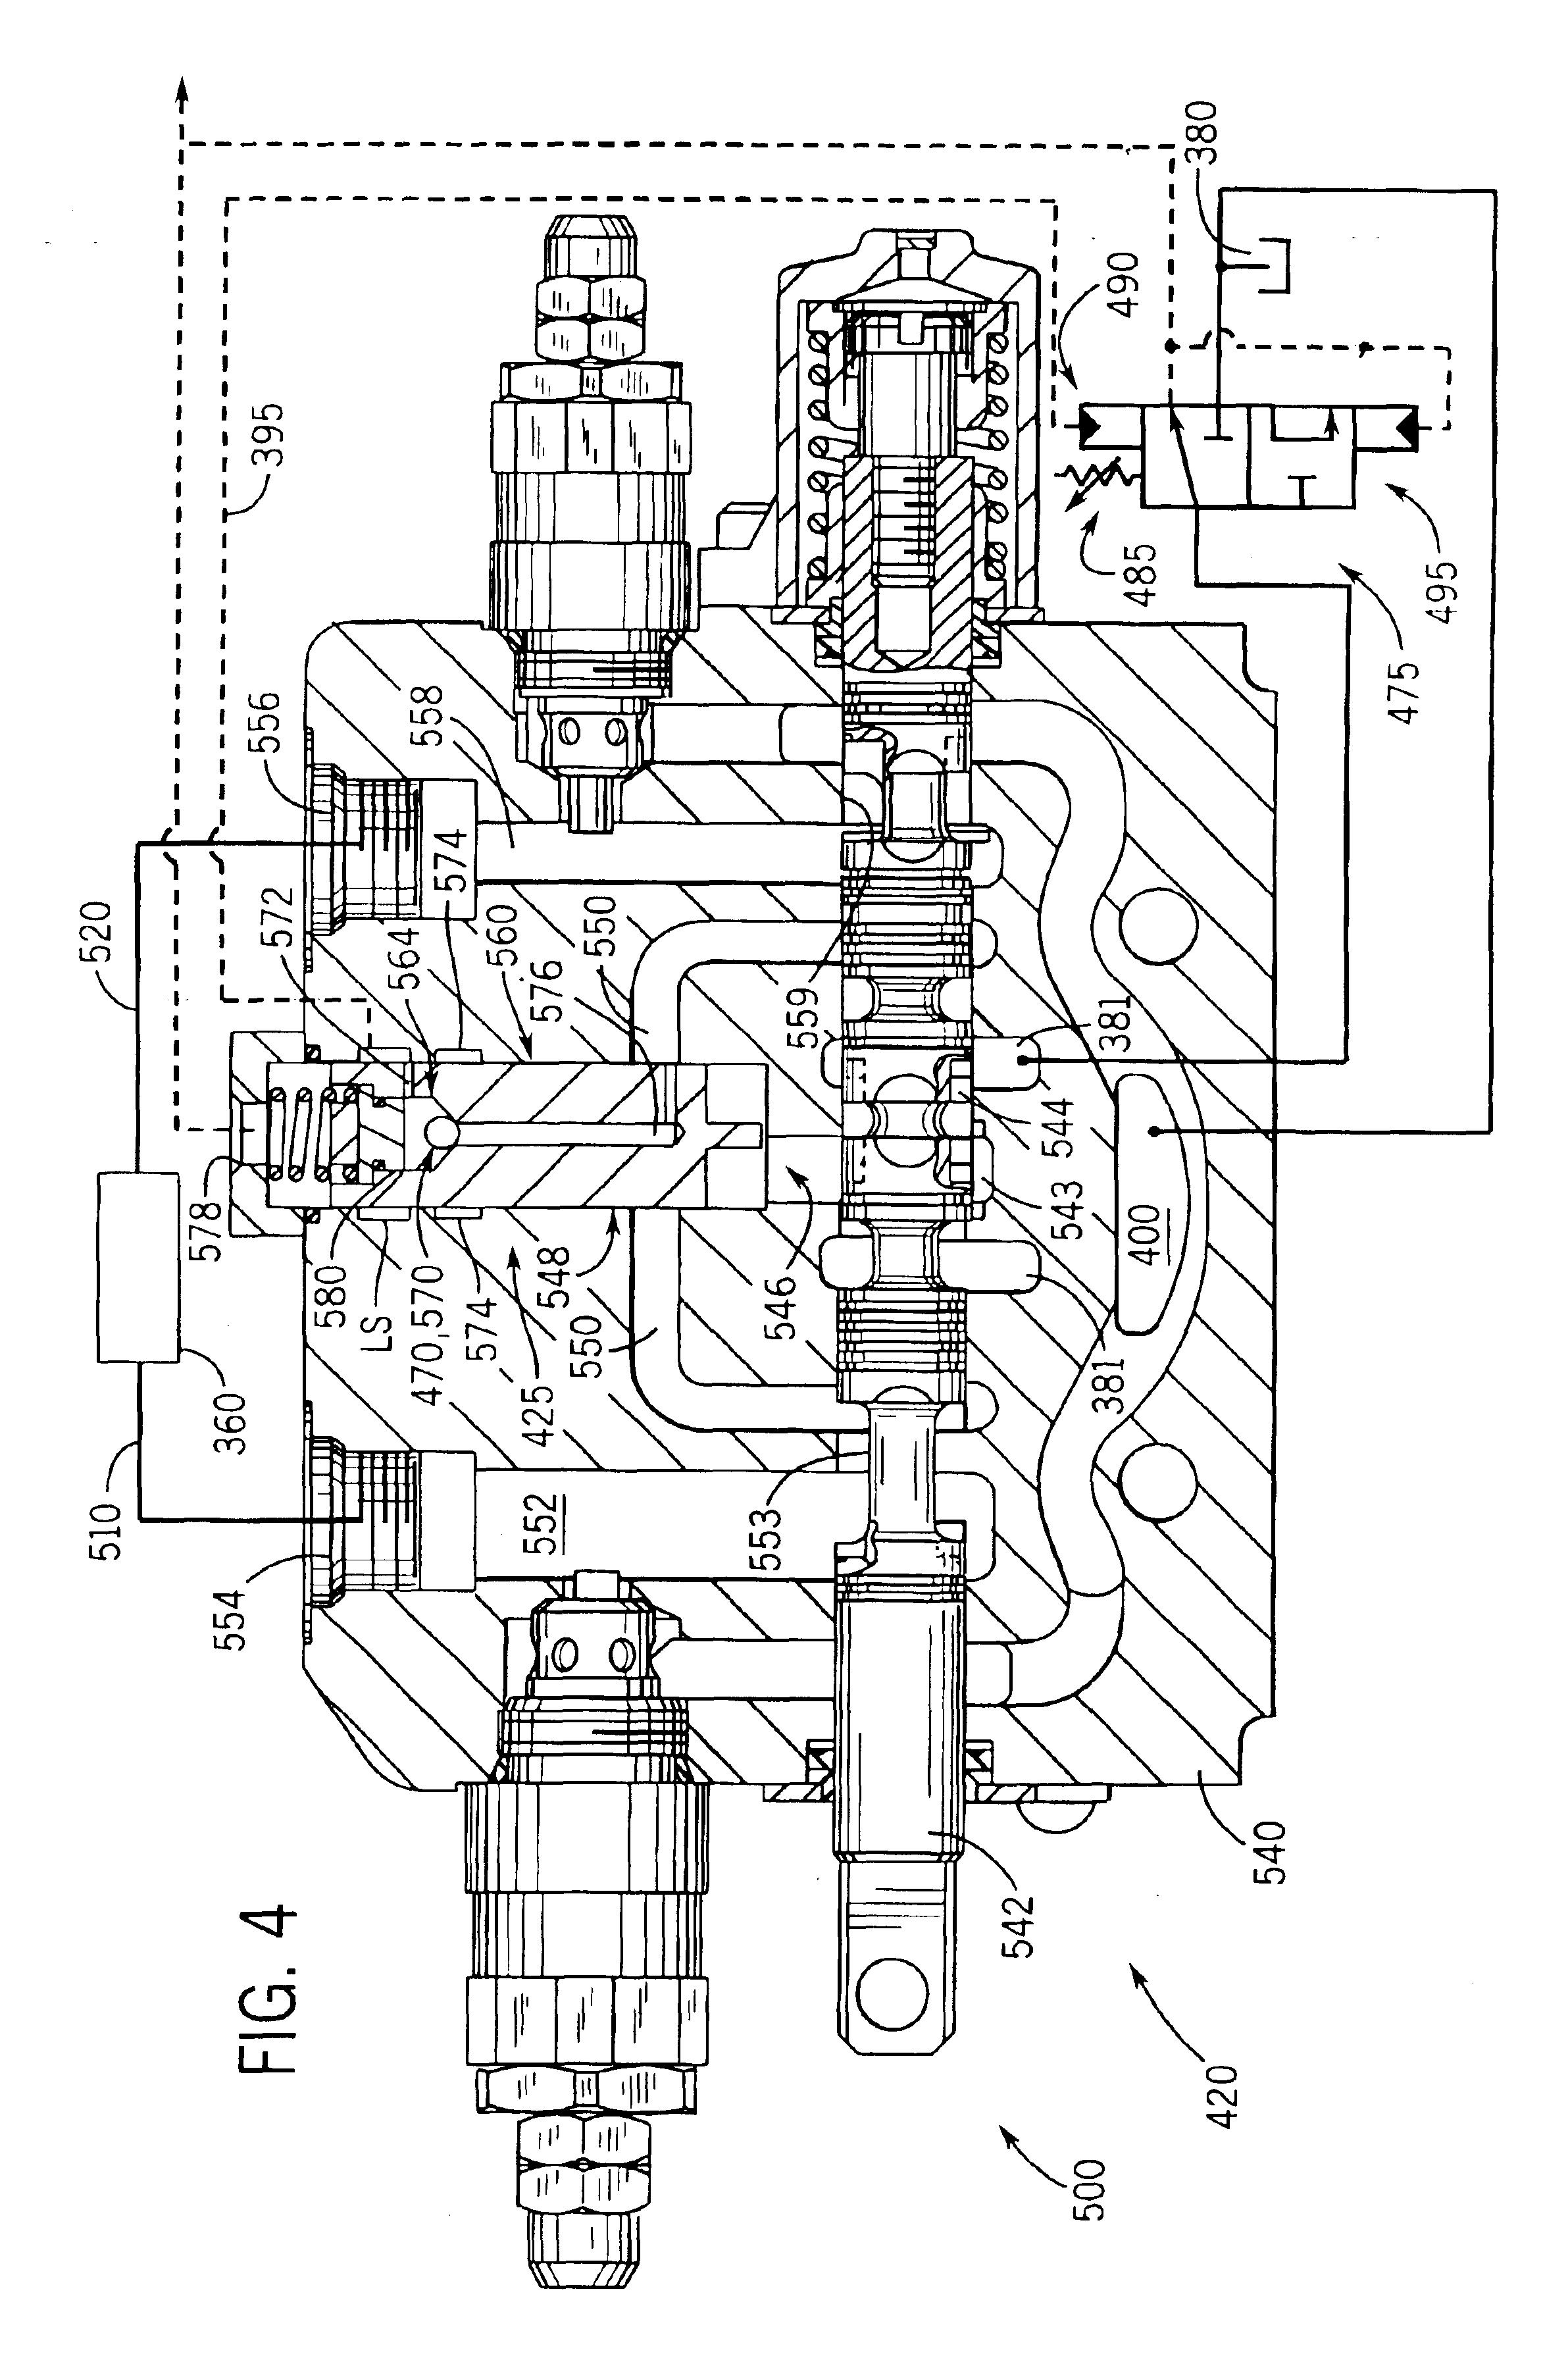 Bobcat 743 Wiring Diagram